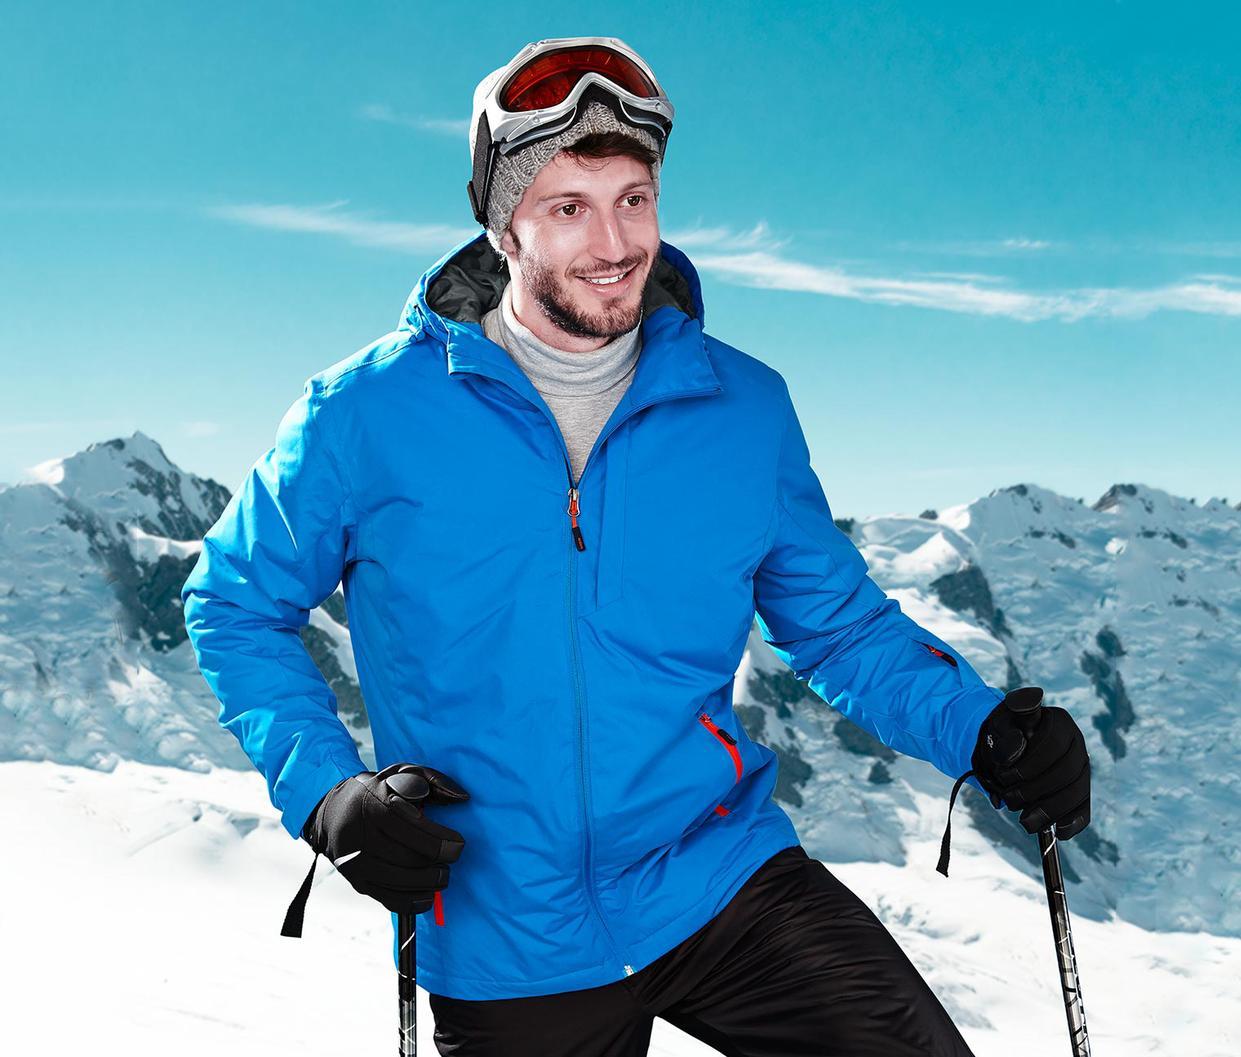 древней руси фото мужчины зимой на лыжах игре актера отзываются